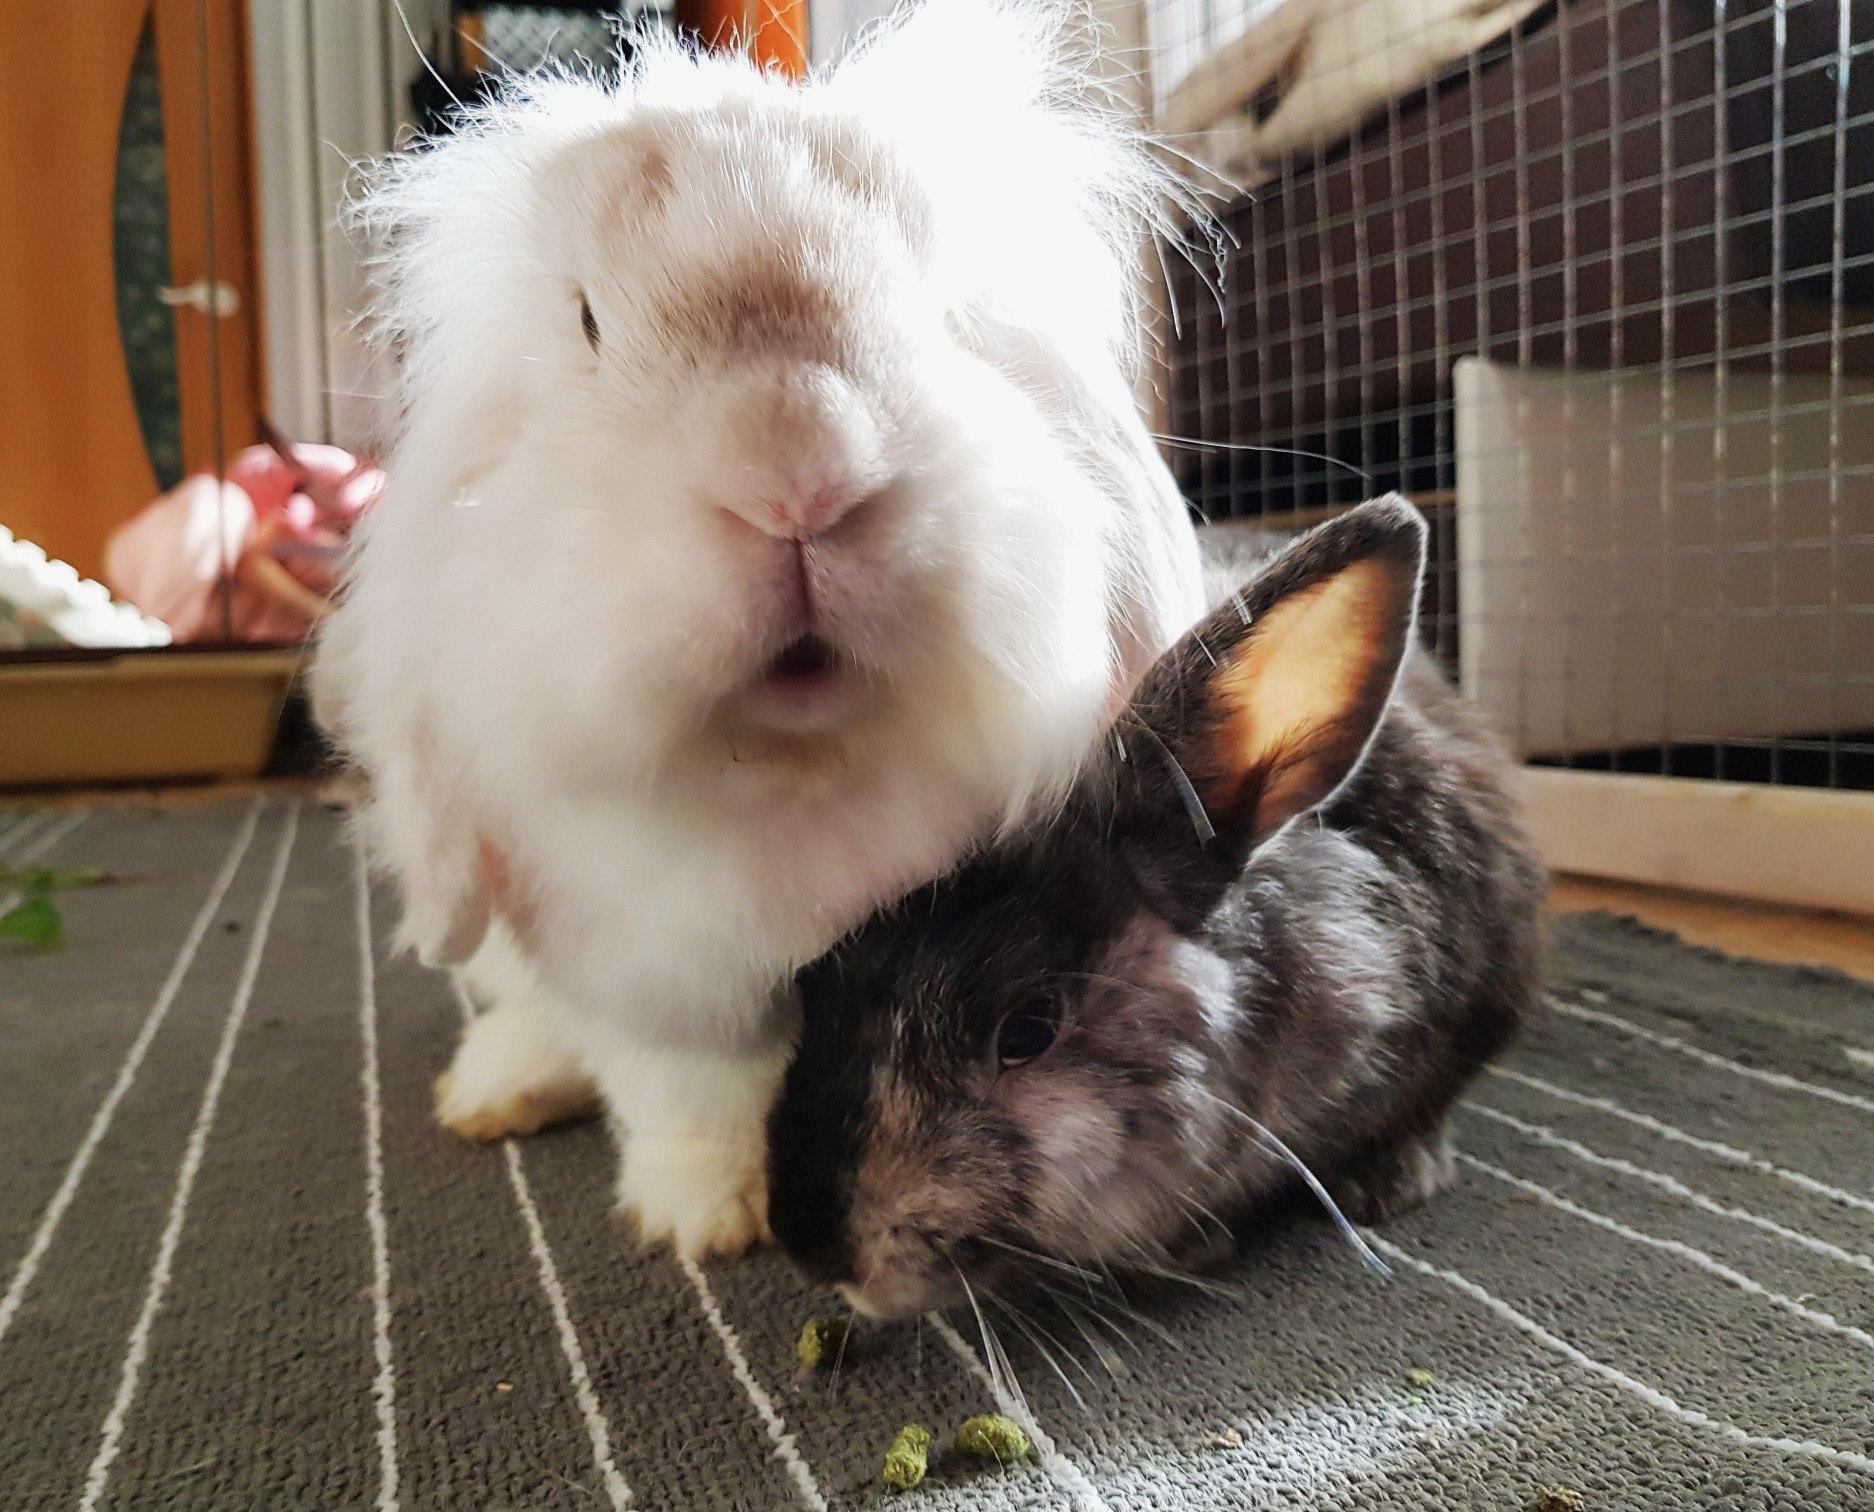 Сколько живет декоративный кролик — продолжительность жизни питомца в домашних условиях